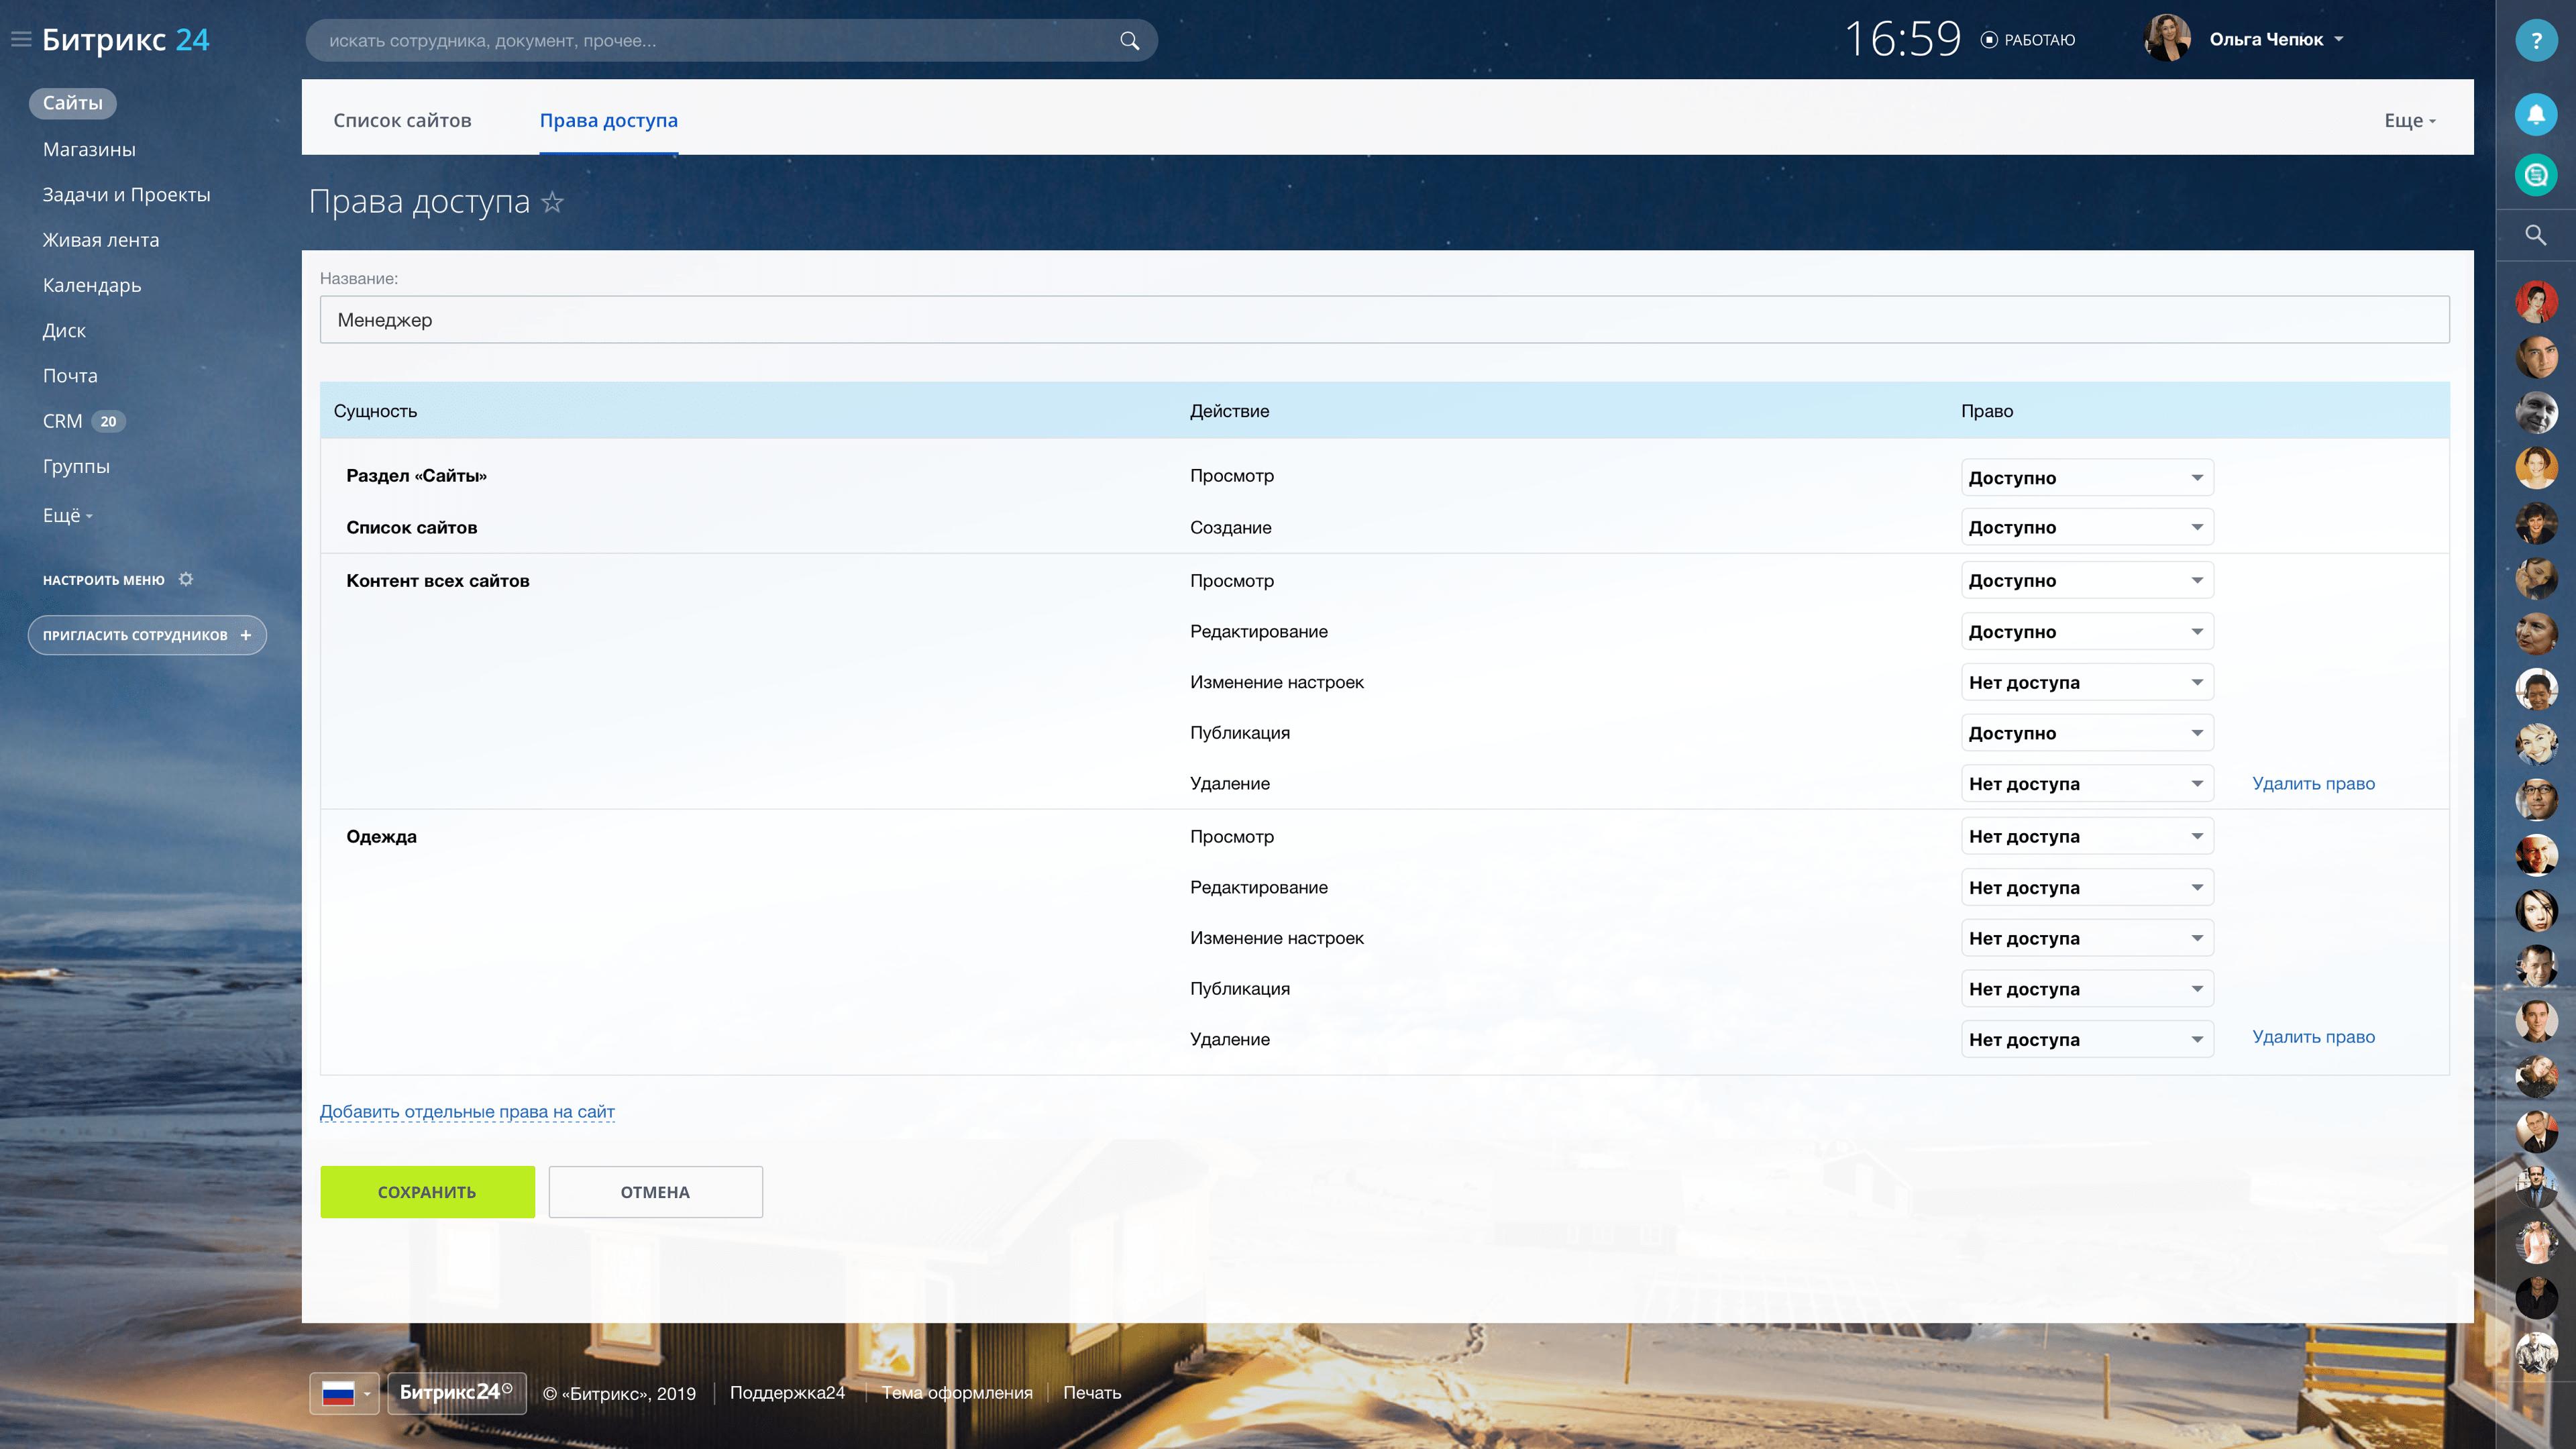 Различные уровни доступа к сайту